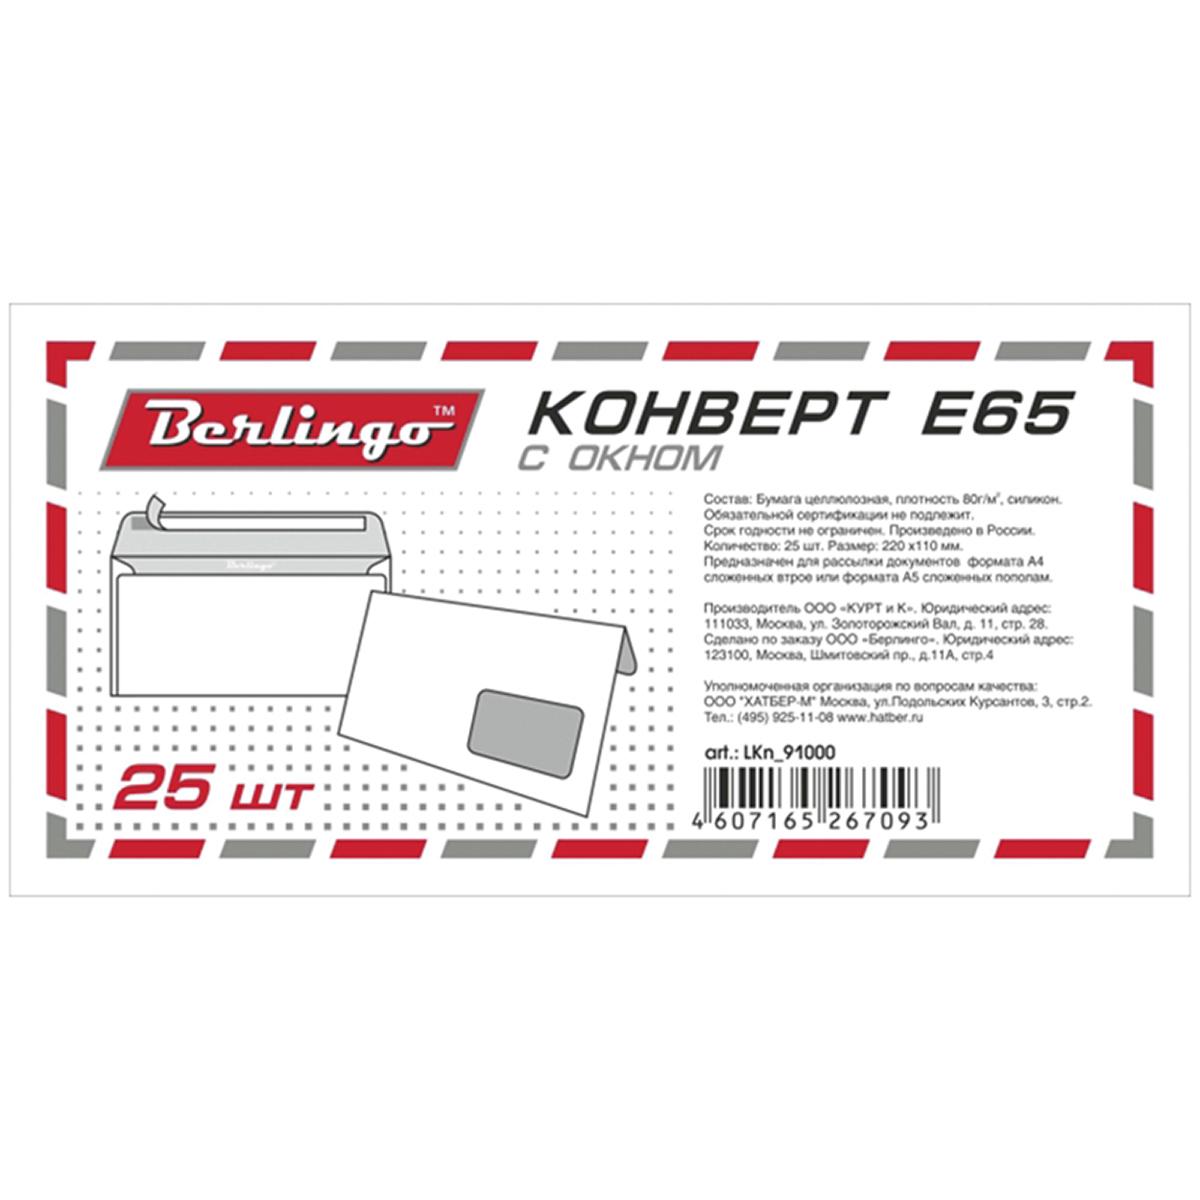 Конверт E65 25 шт LKn_91000LKn_91000Конверт без подсказа, с внутренней запечаткой. Имеет горизонтальное окно справа. Формат С4 соответствует размеру 229х324мм. Предназначен для рассылки документов А4 без сложения. Клапан конверта крепится с помощью отрывной силиконовой ленты. Упаковка - термоусадочная пленка